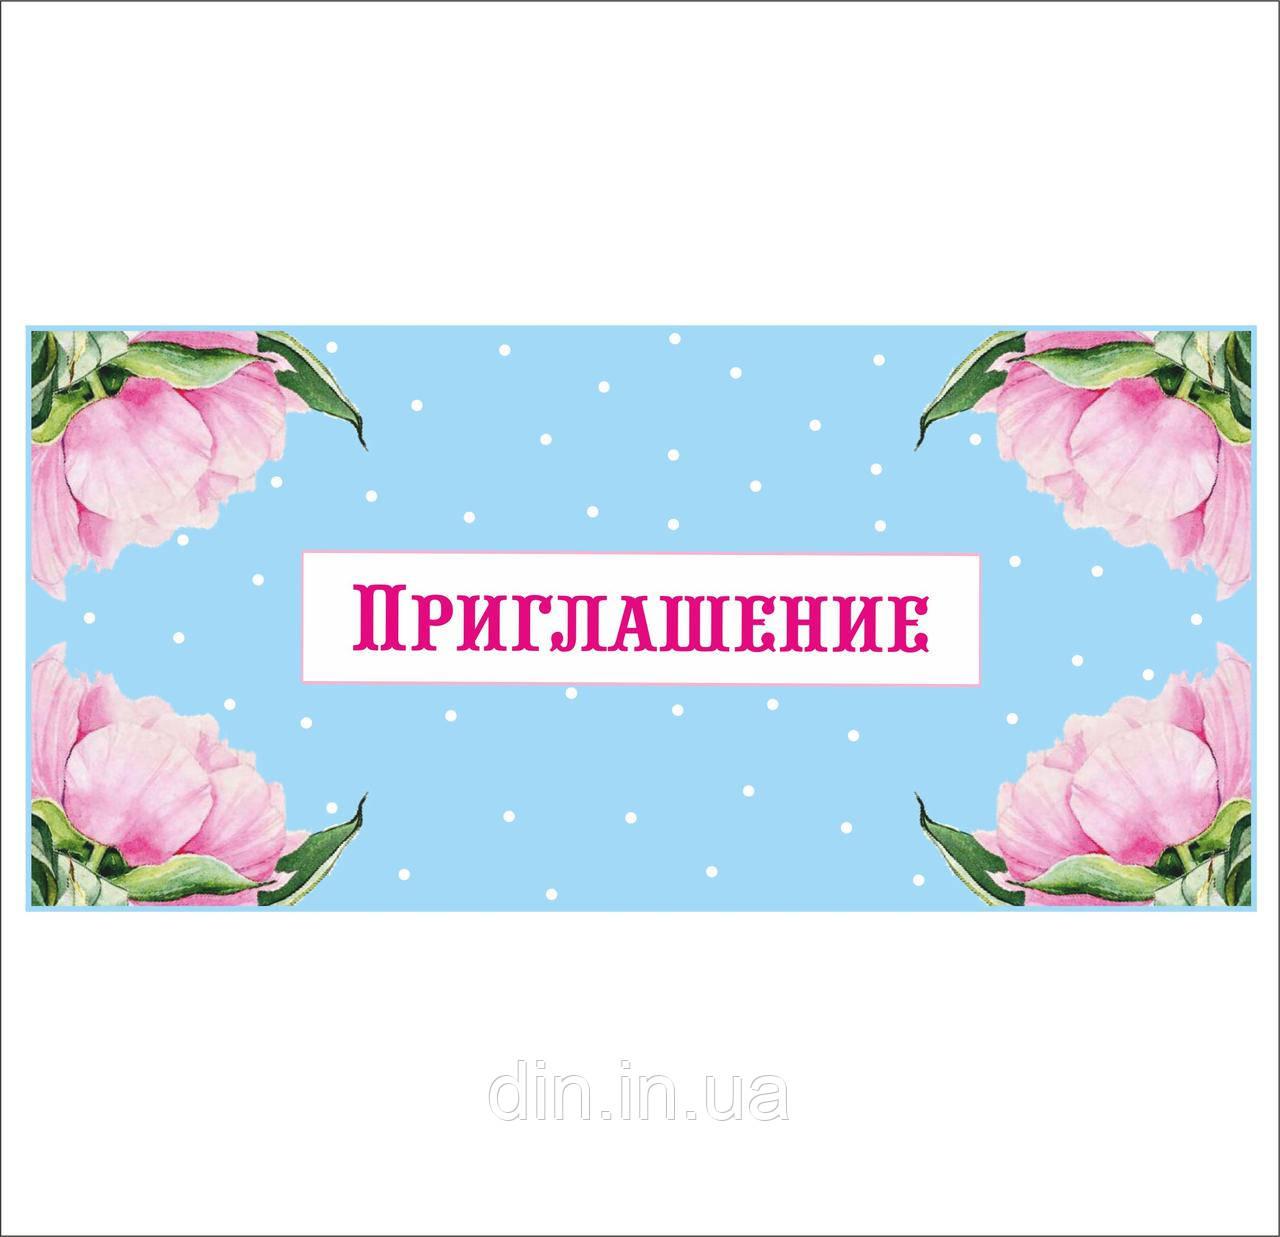 Пригласительные на свадьбу (10 шт.)